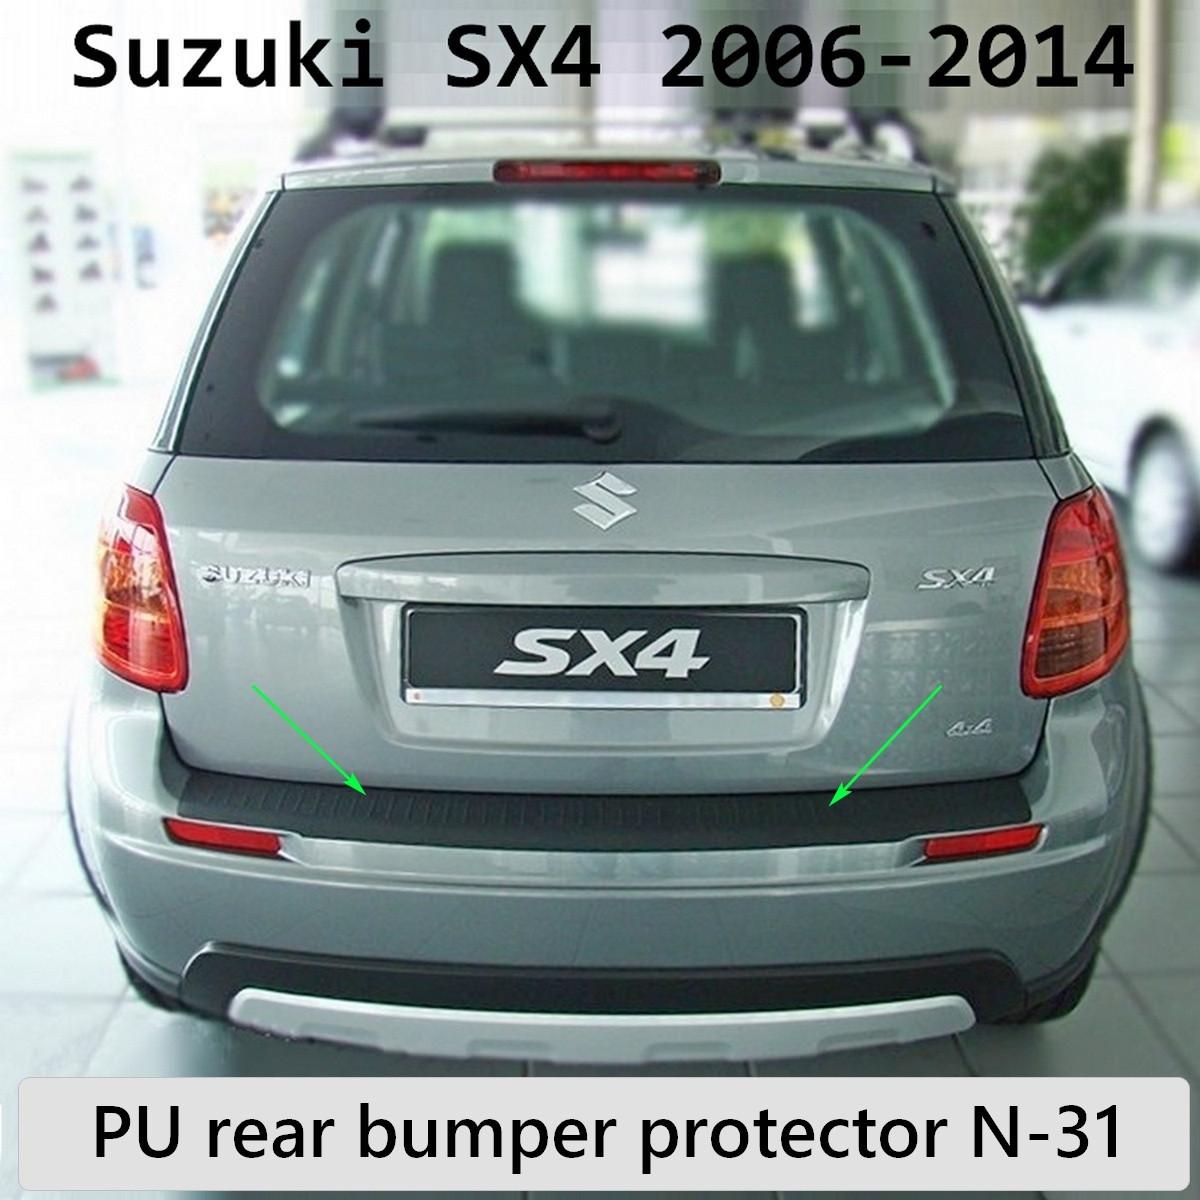 Пластиковая защитная накладка заднего бампера для Suzuki SX4 2006-2014